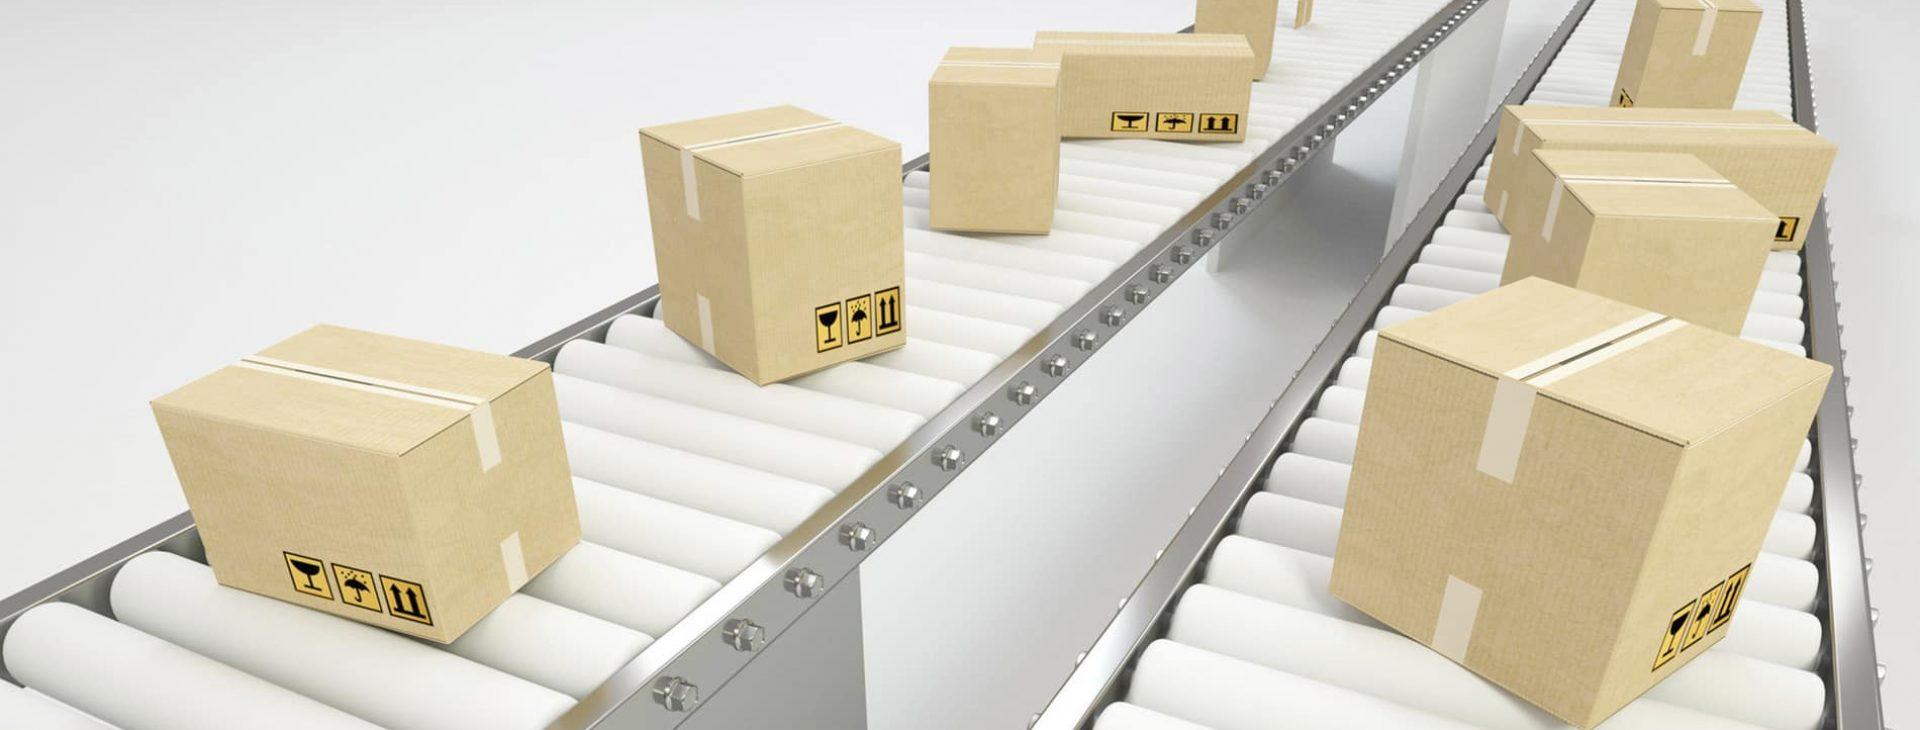 出口貨物的運輸包裝標籤貼紙有哪些